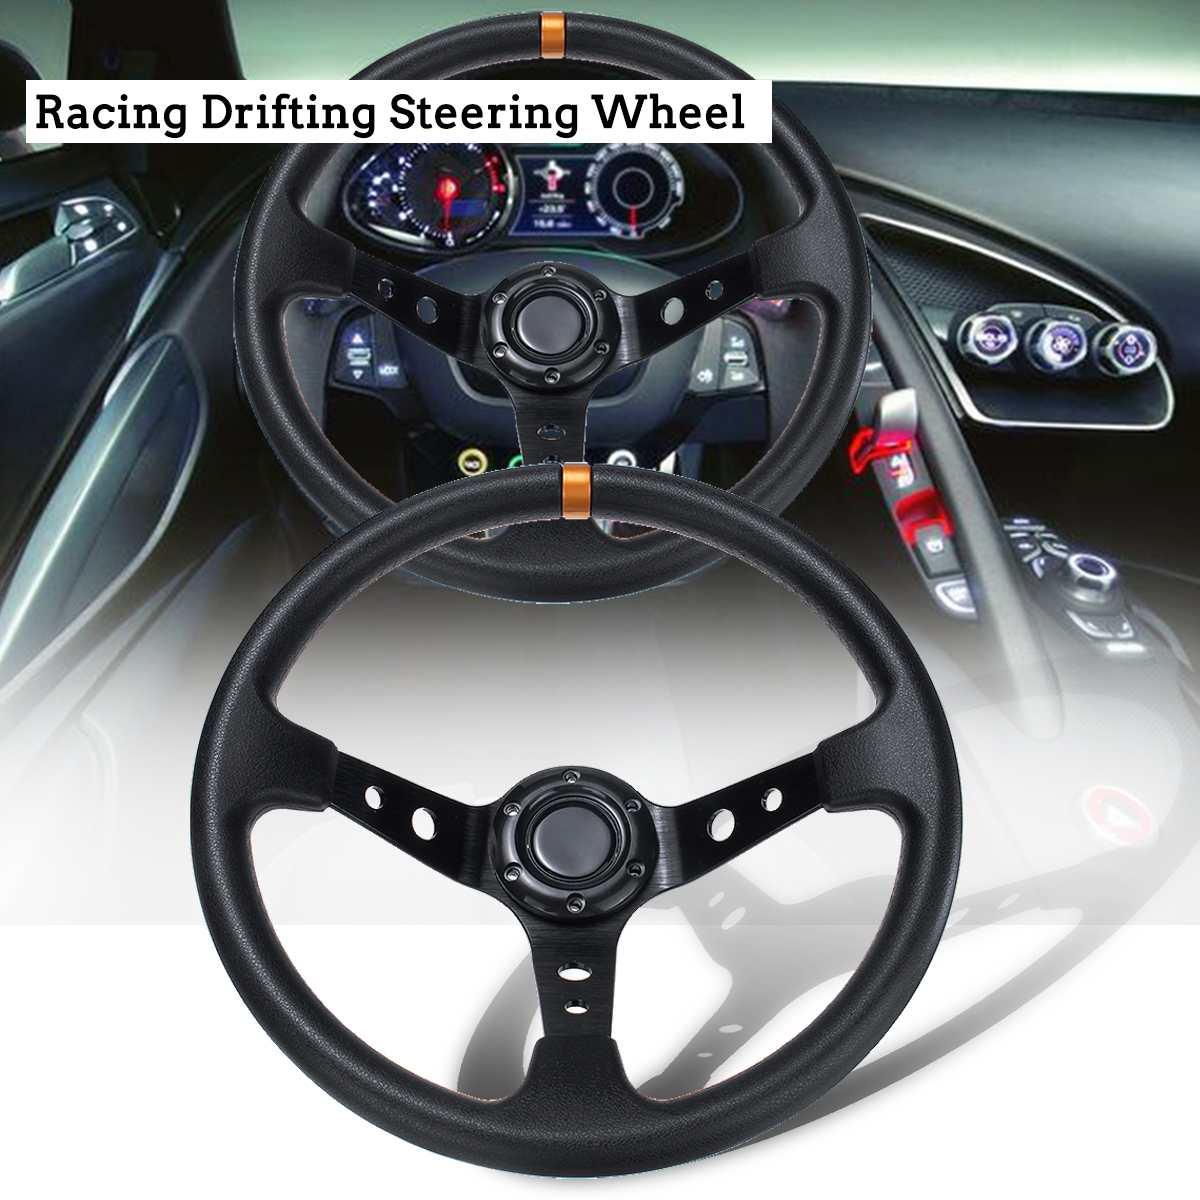 سيارة سباق عجلة القيادة الانجراف السيارات الرياضية عجلة القيادة 14 بوصة 350 مللي متر بولي PU و الألومنيوم العالمي طبق الذرة العميق تعديل أجزاء